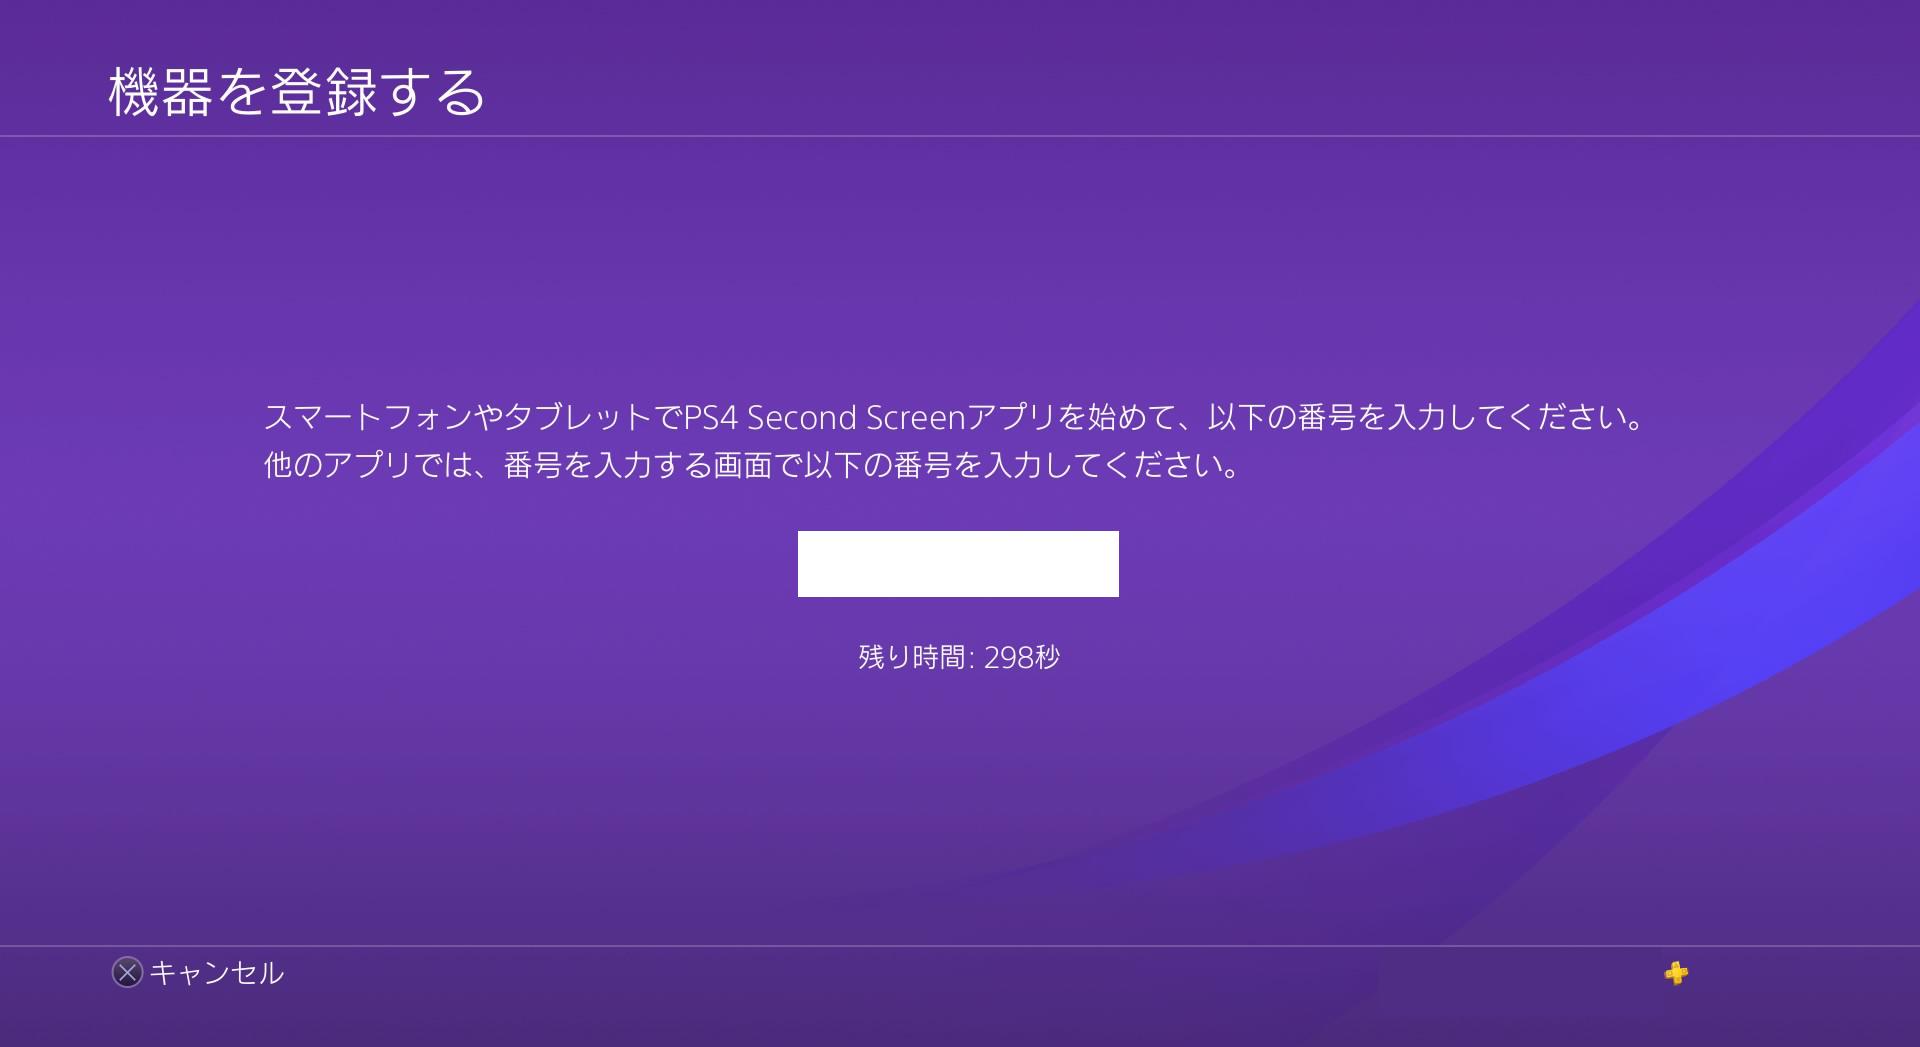 PS4の画面に表示されている番号をスマホに入力します